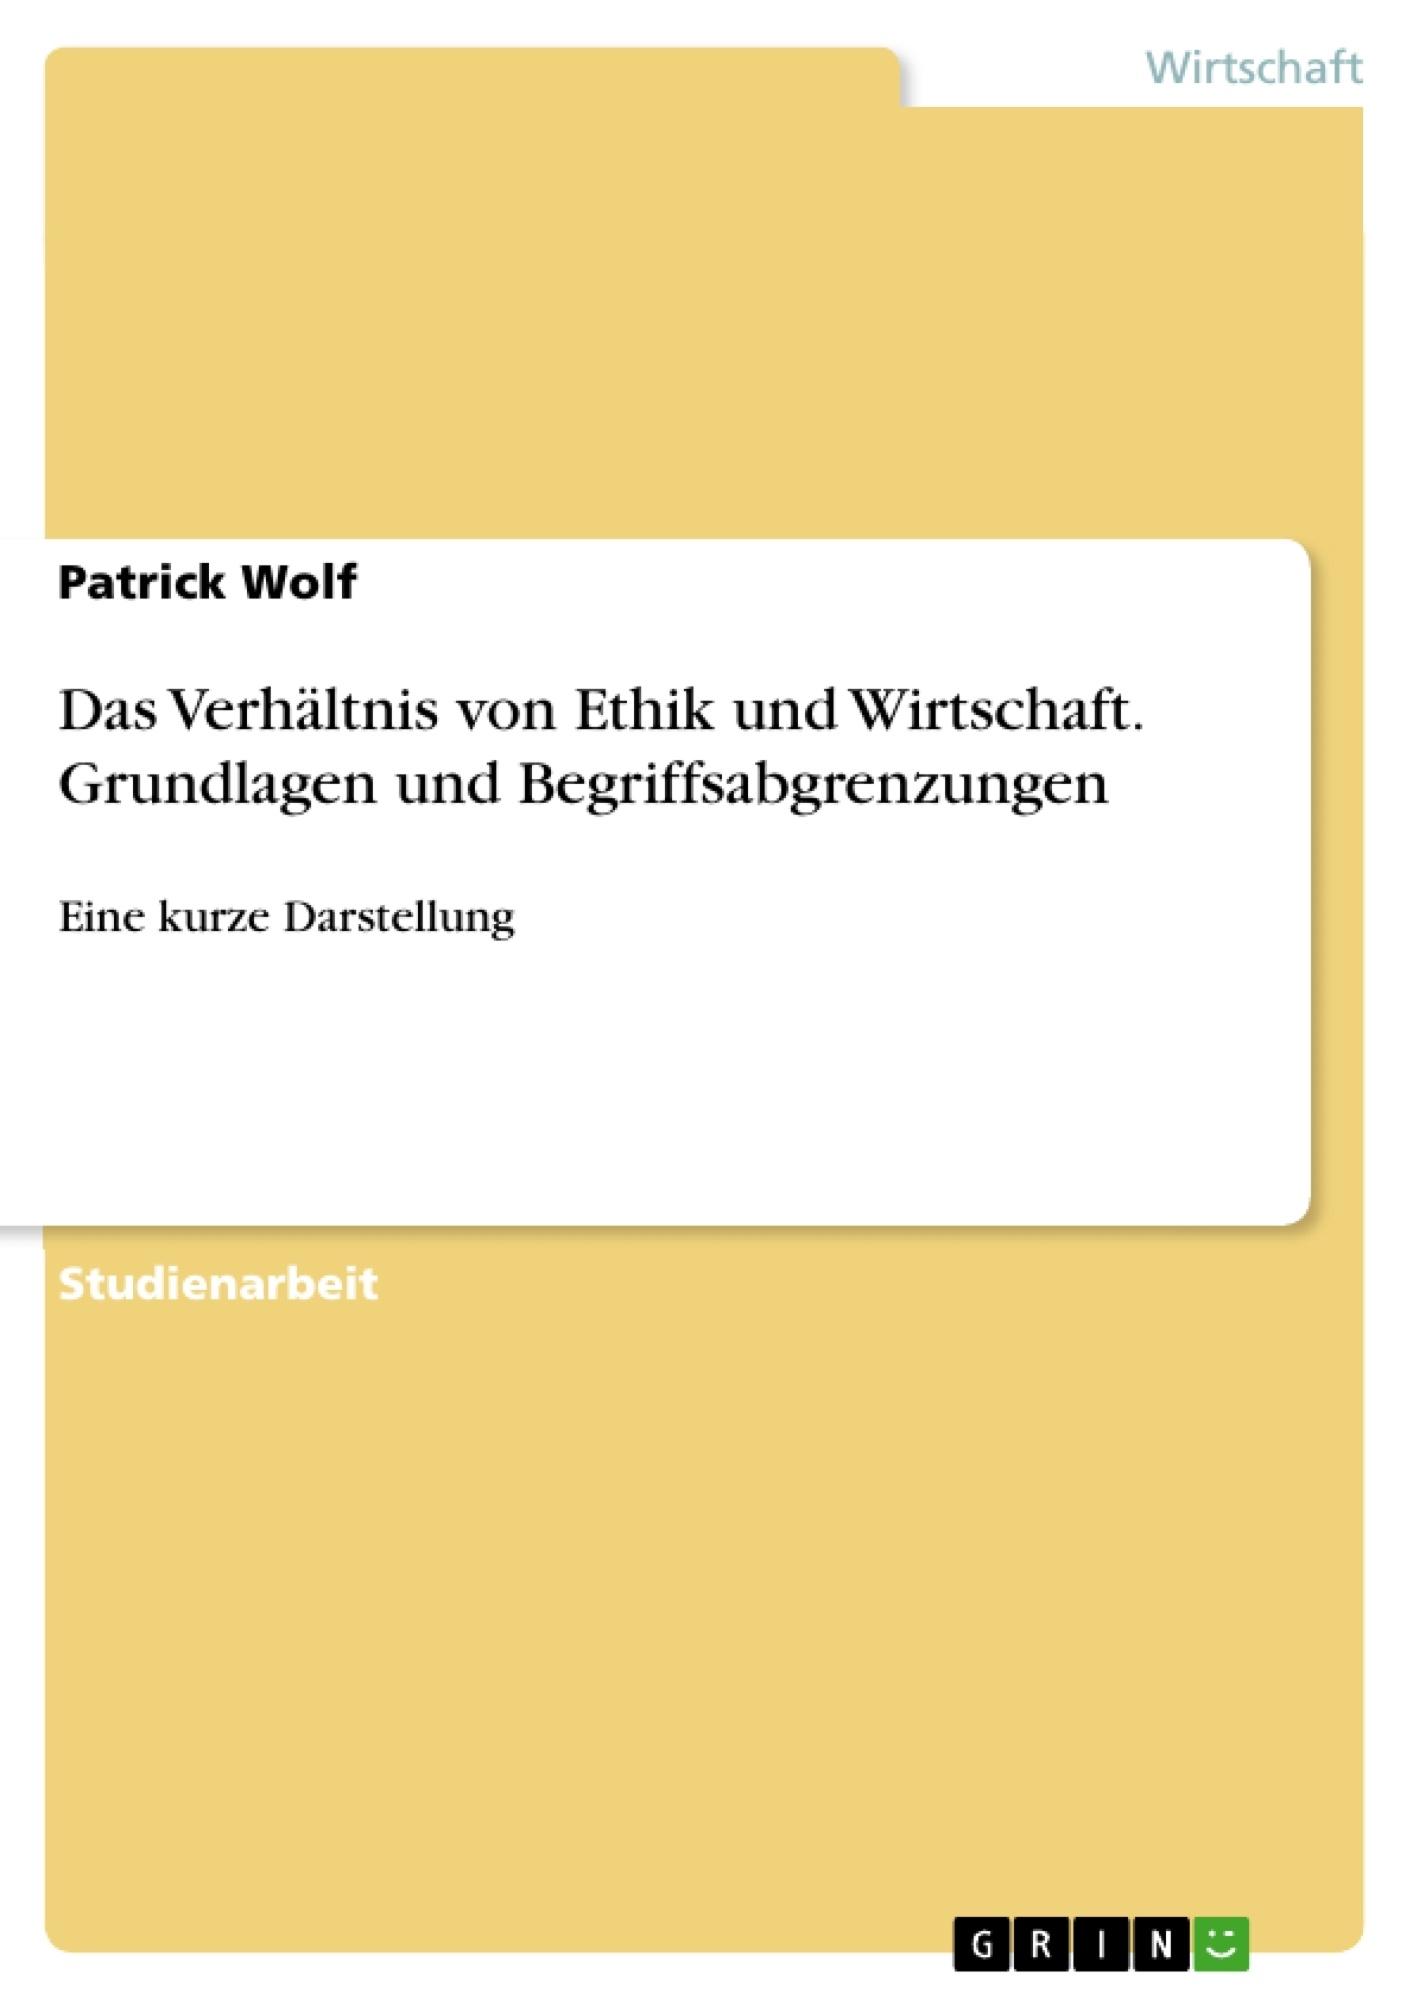 Titel: Das Verhältnis von Ethik und Wirtschaft. Grundlagen und Begriffsabgrenzungen